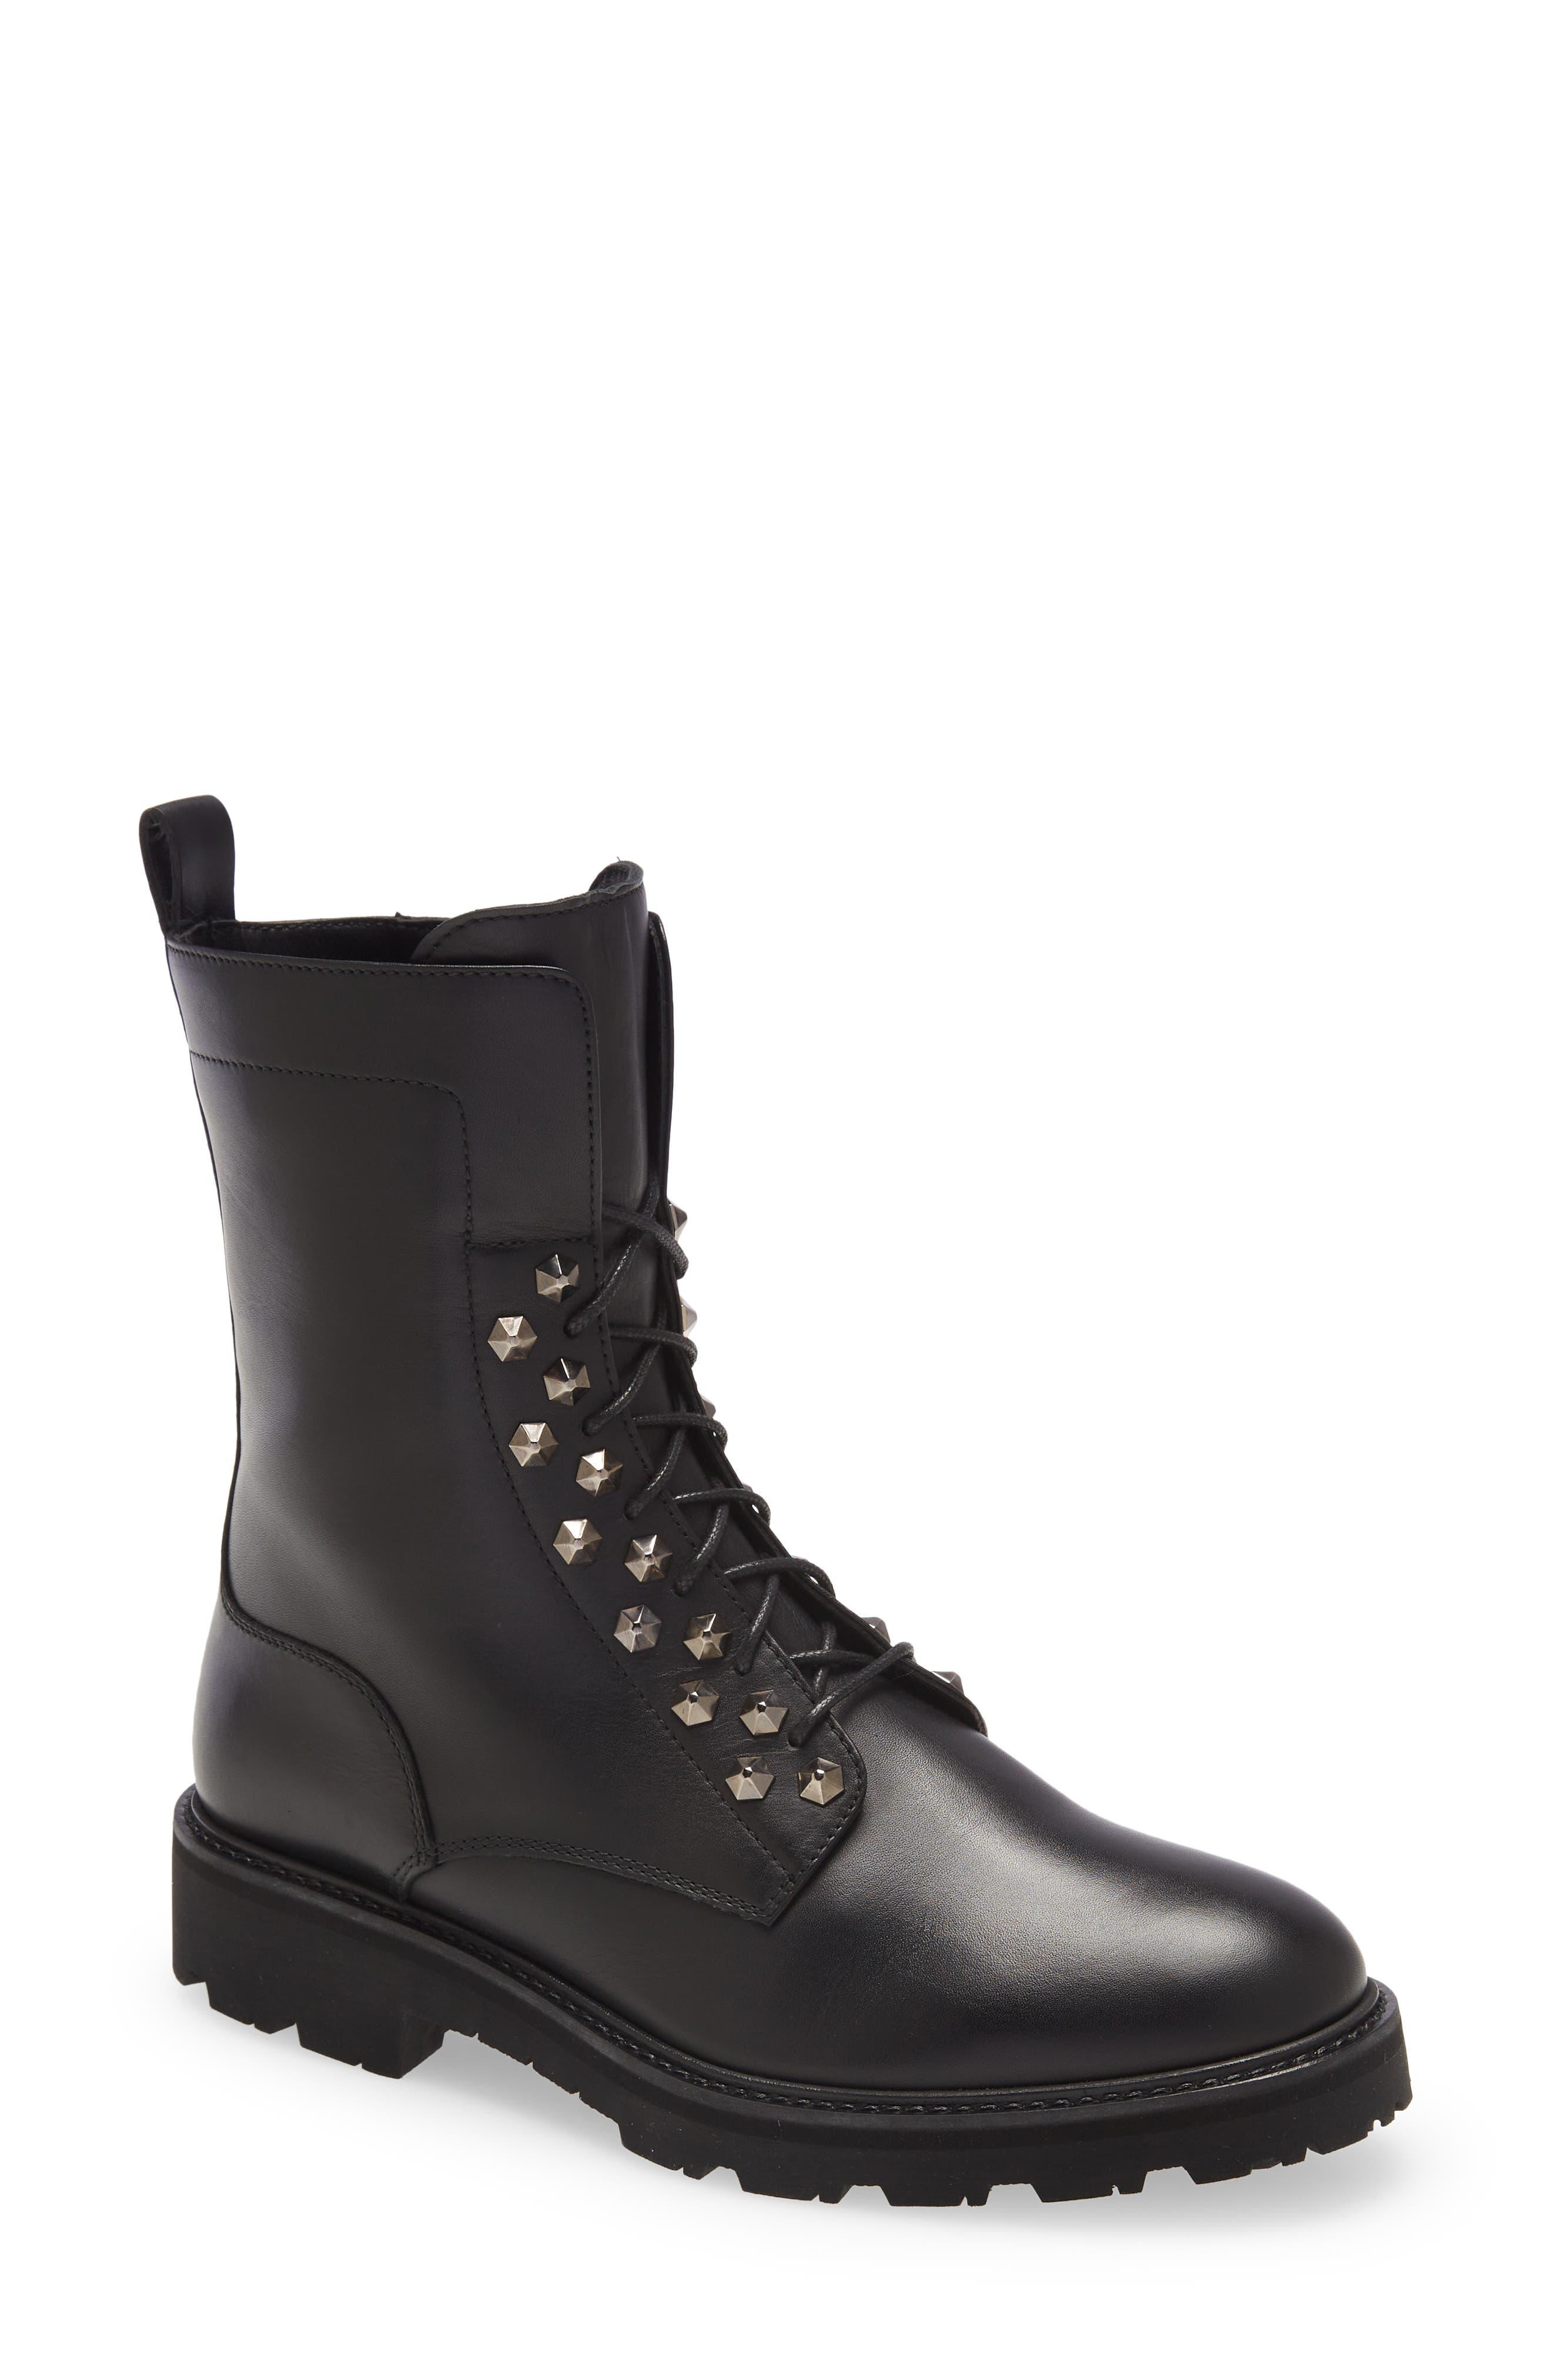 Bronx Waterproof Combat Boot